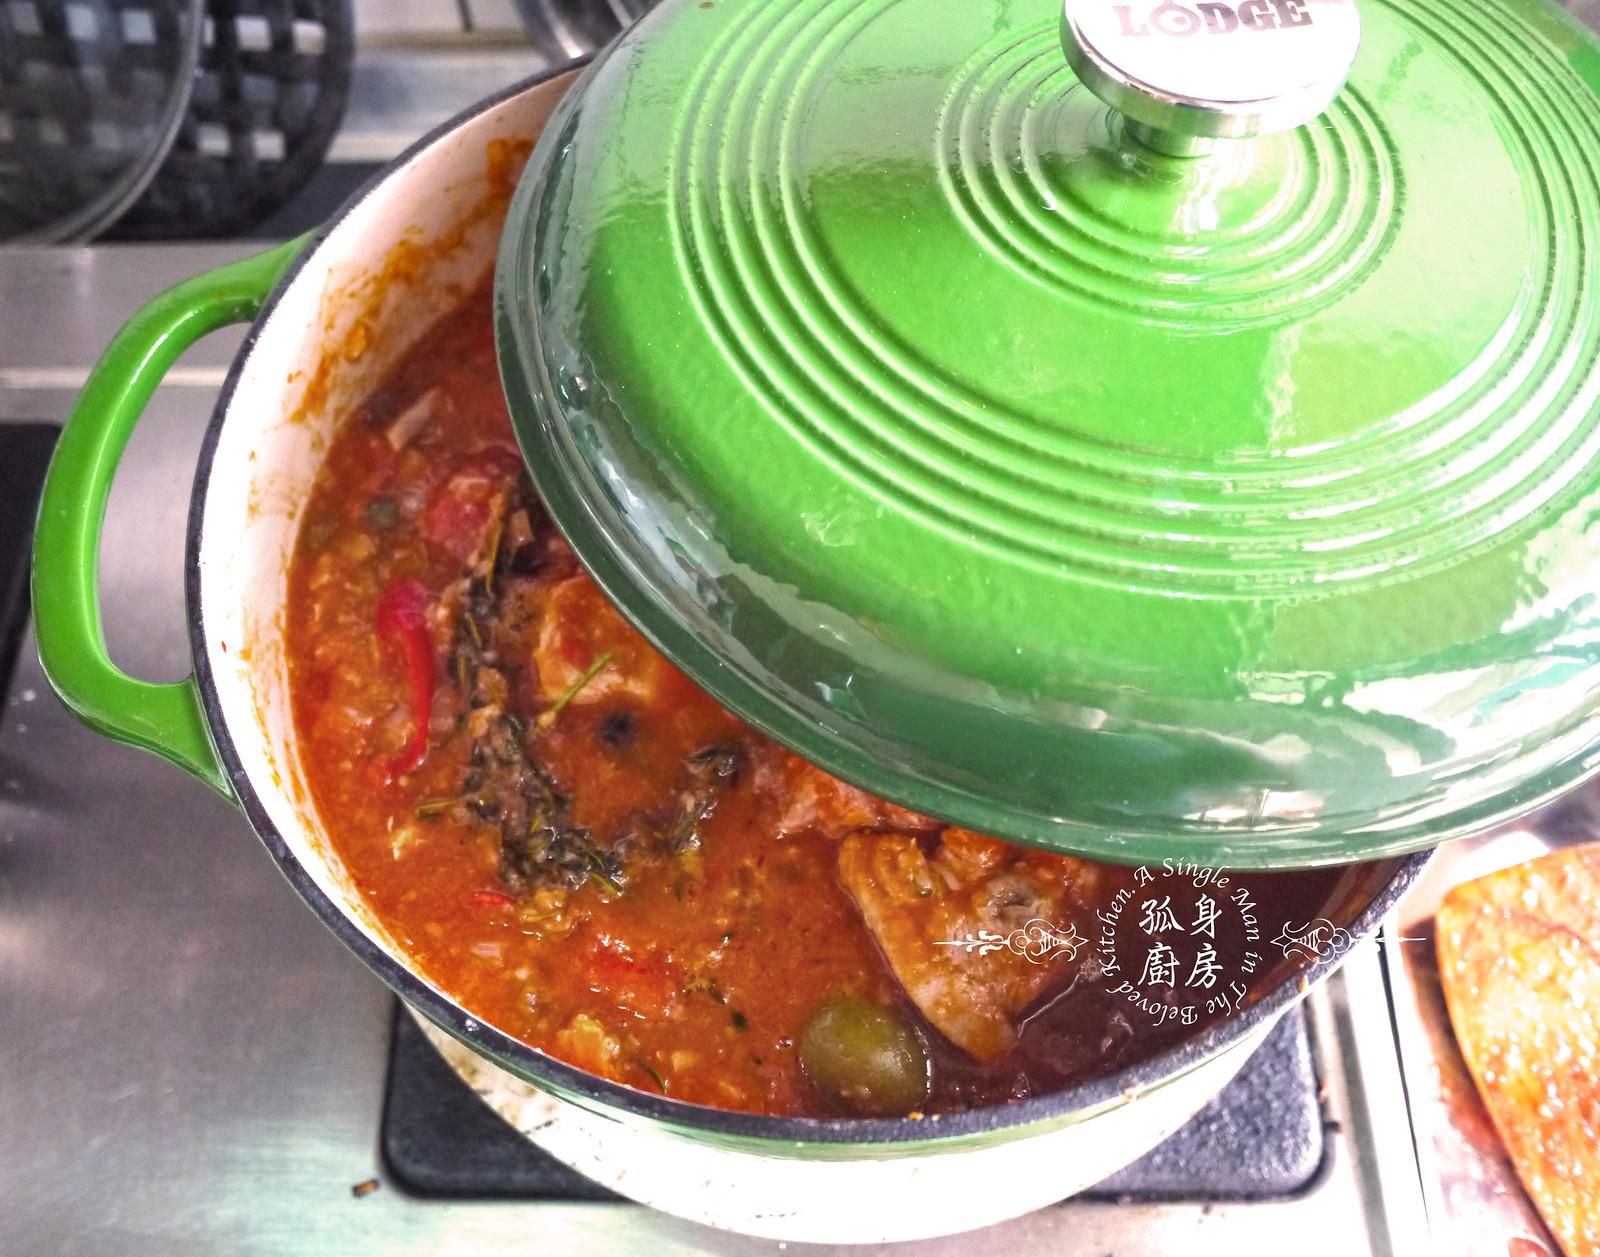 孤身廚房-蕃茄橄欖燴雞肉佐番紅花香米23